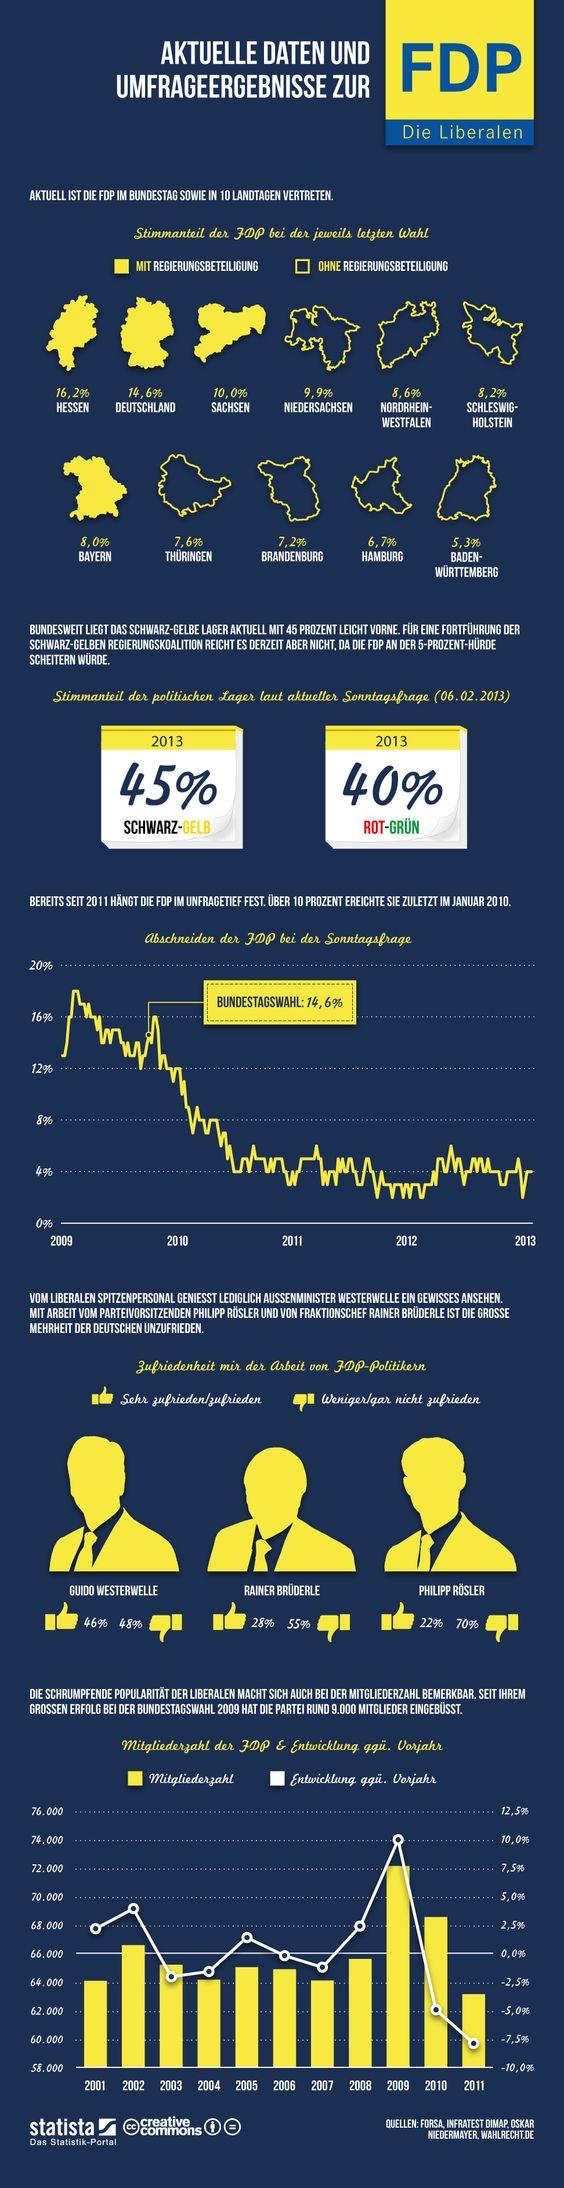 #Infografik: Aktuelle Daten und Umfrageergebnisse zur #FDP   #Statista